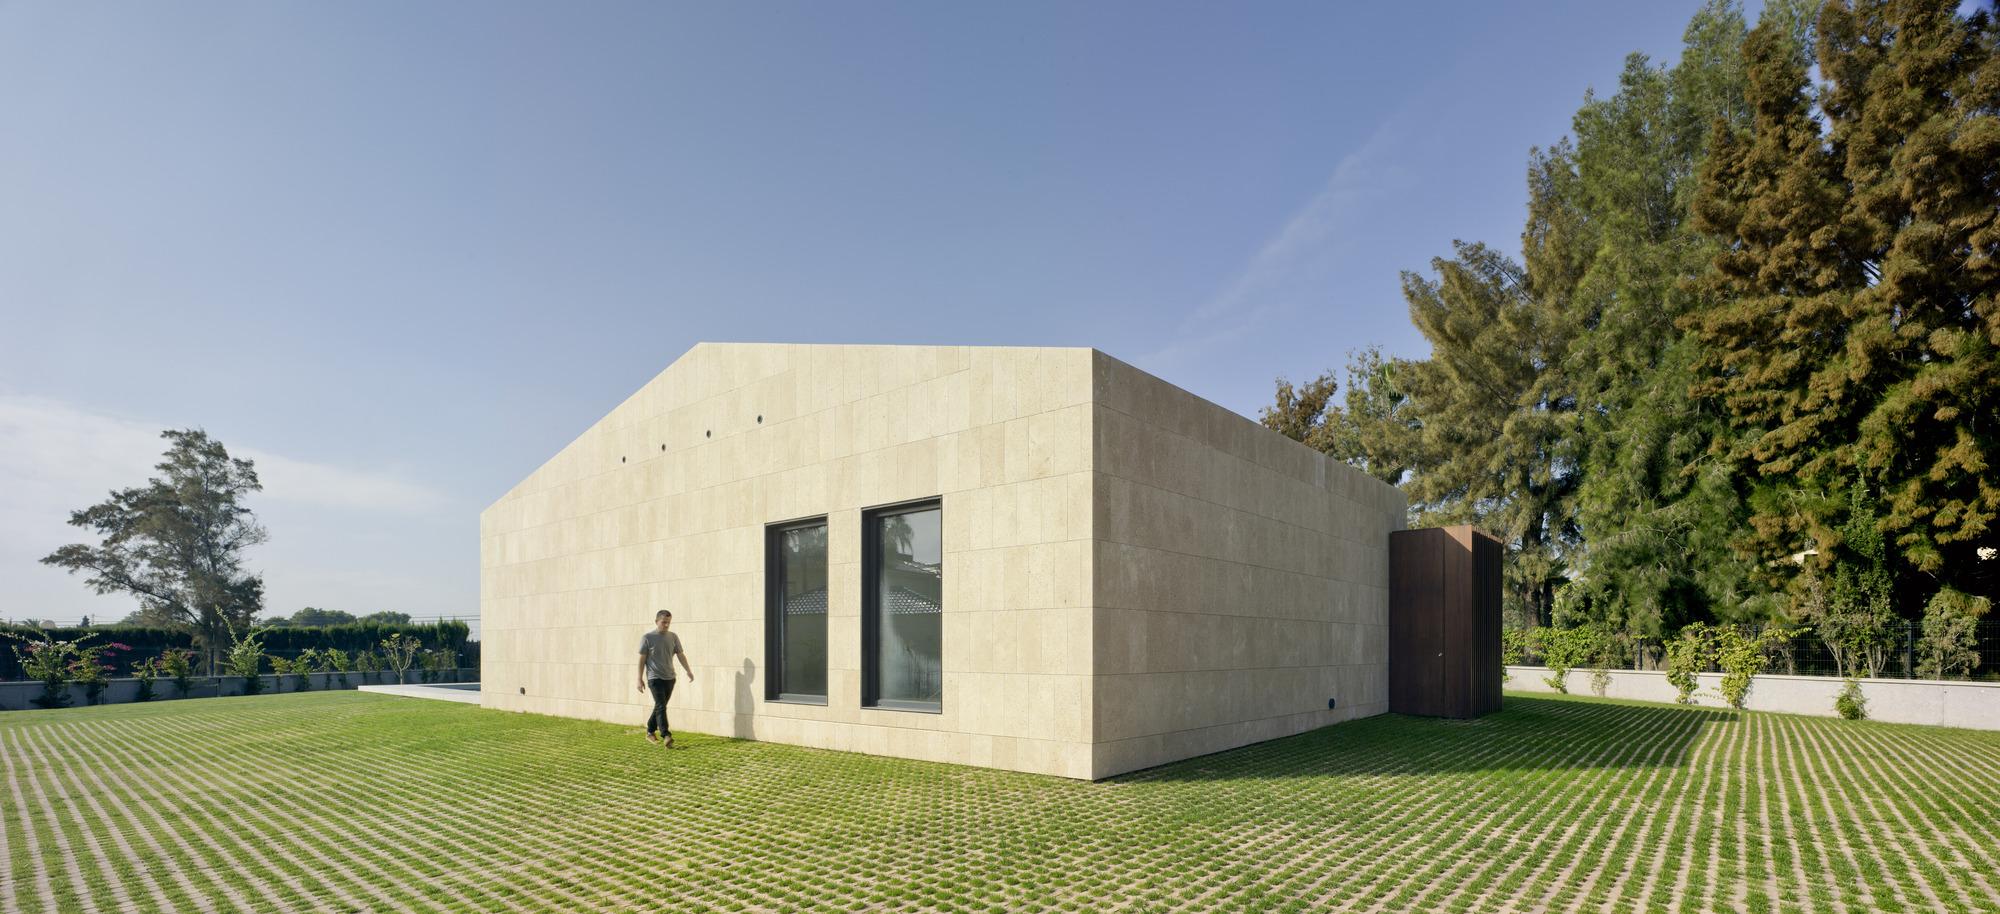 Residência unifamiliar em Valverde / estudio arn arquitectos